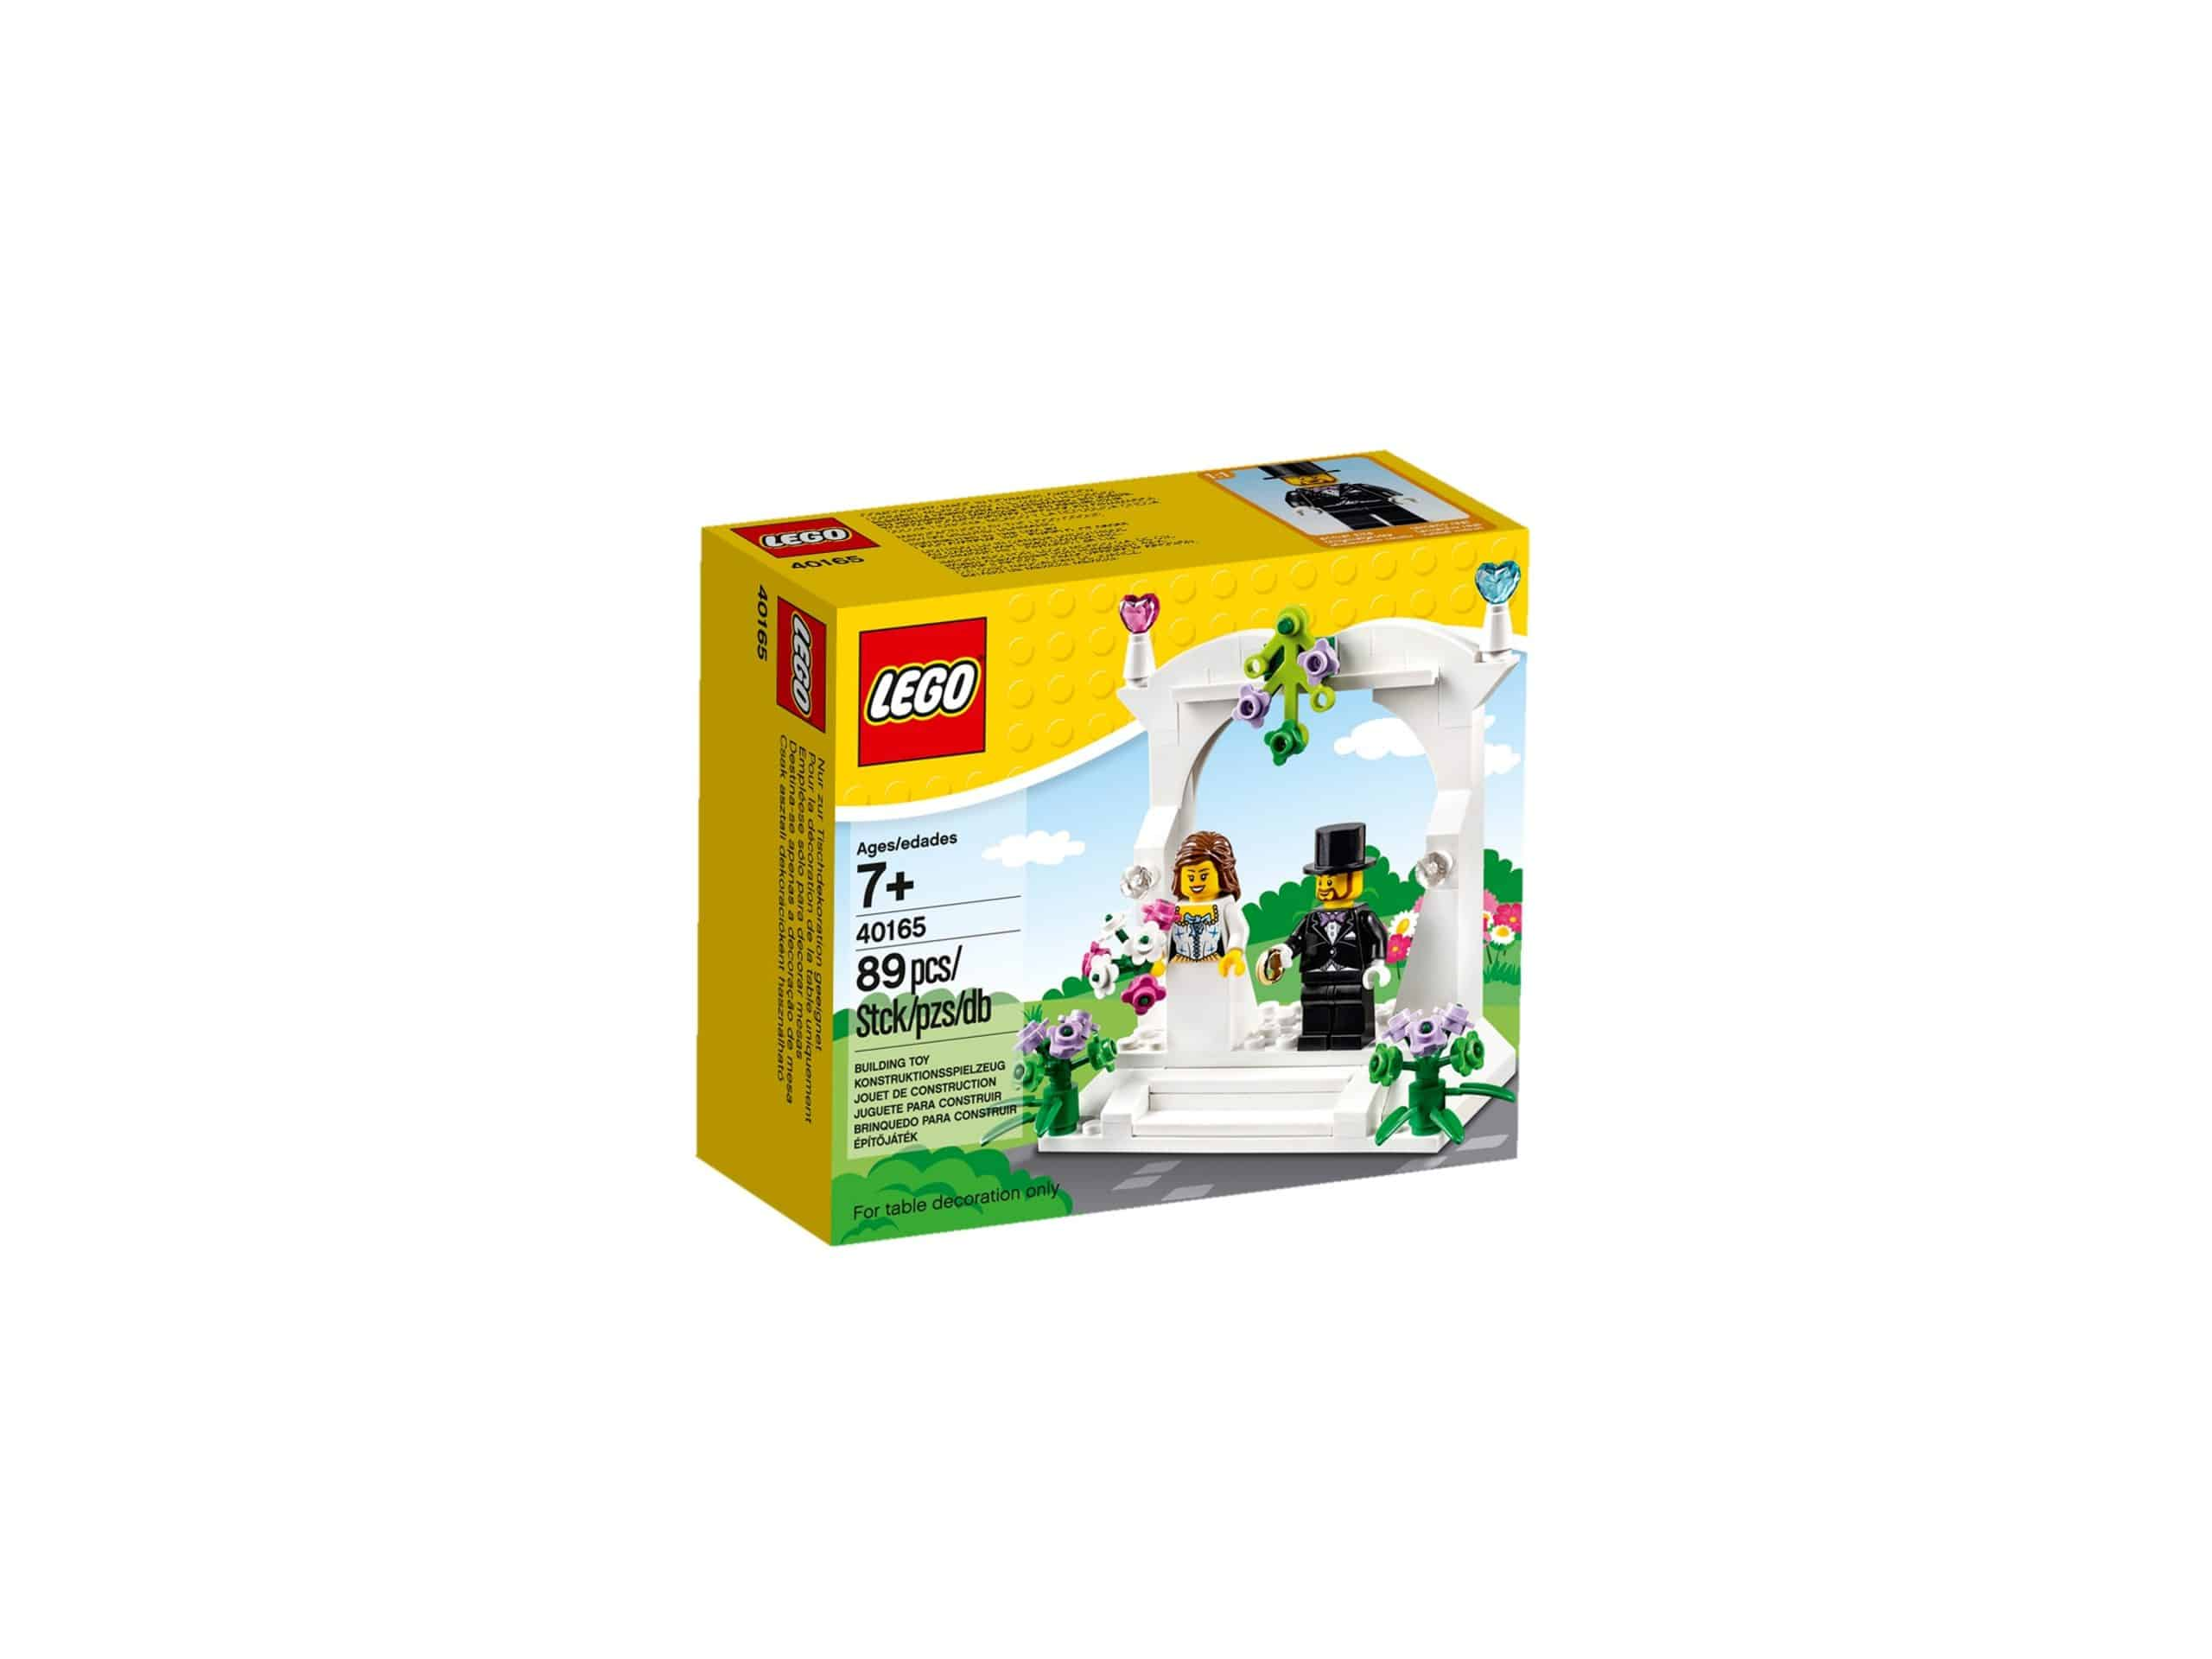 lego 40165 minifiguren hochzeits set scaled